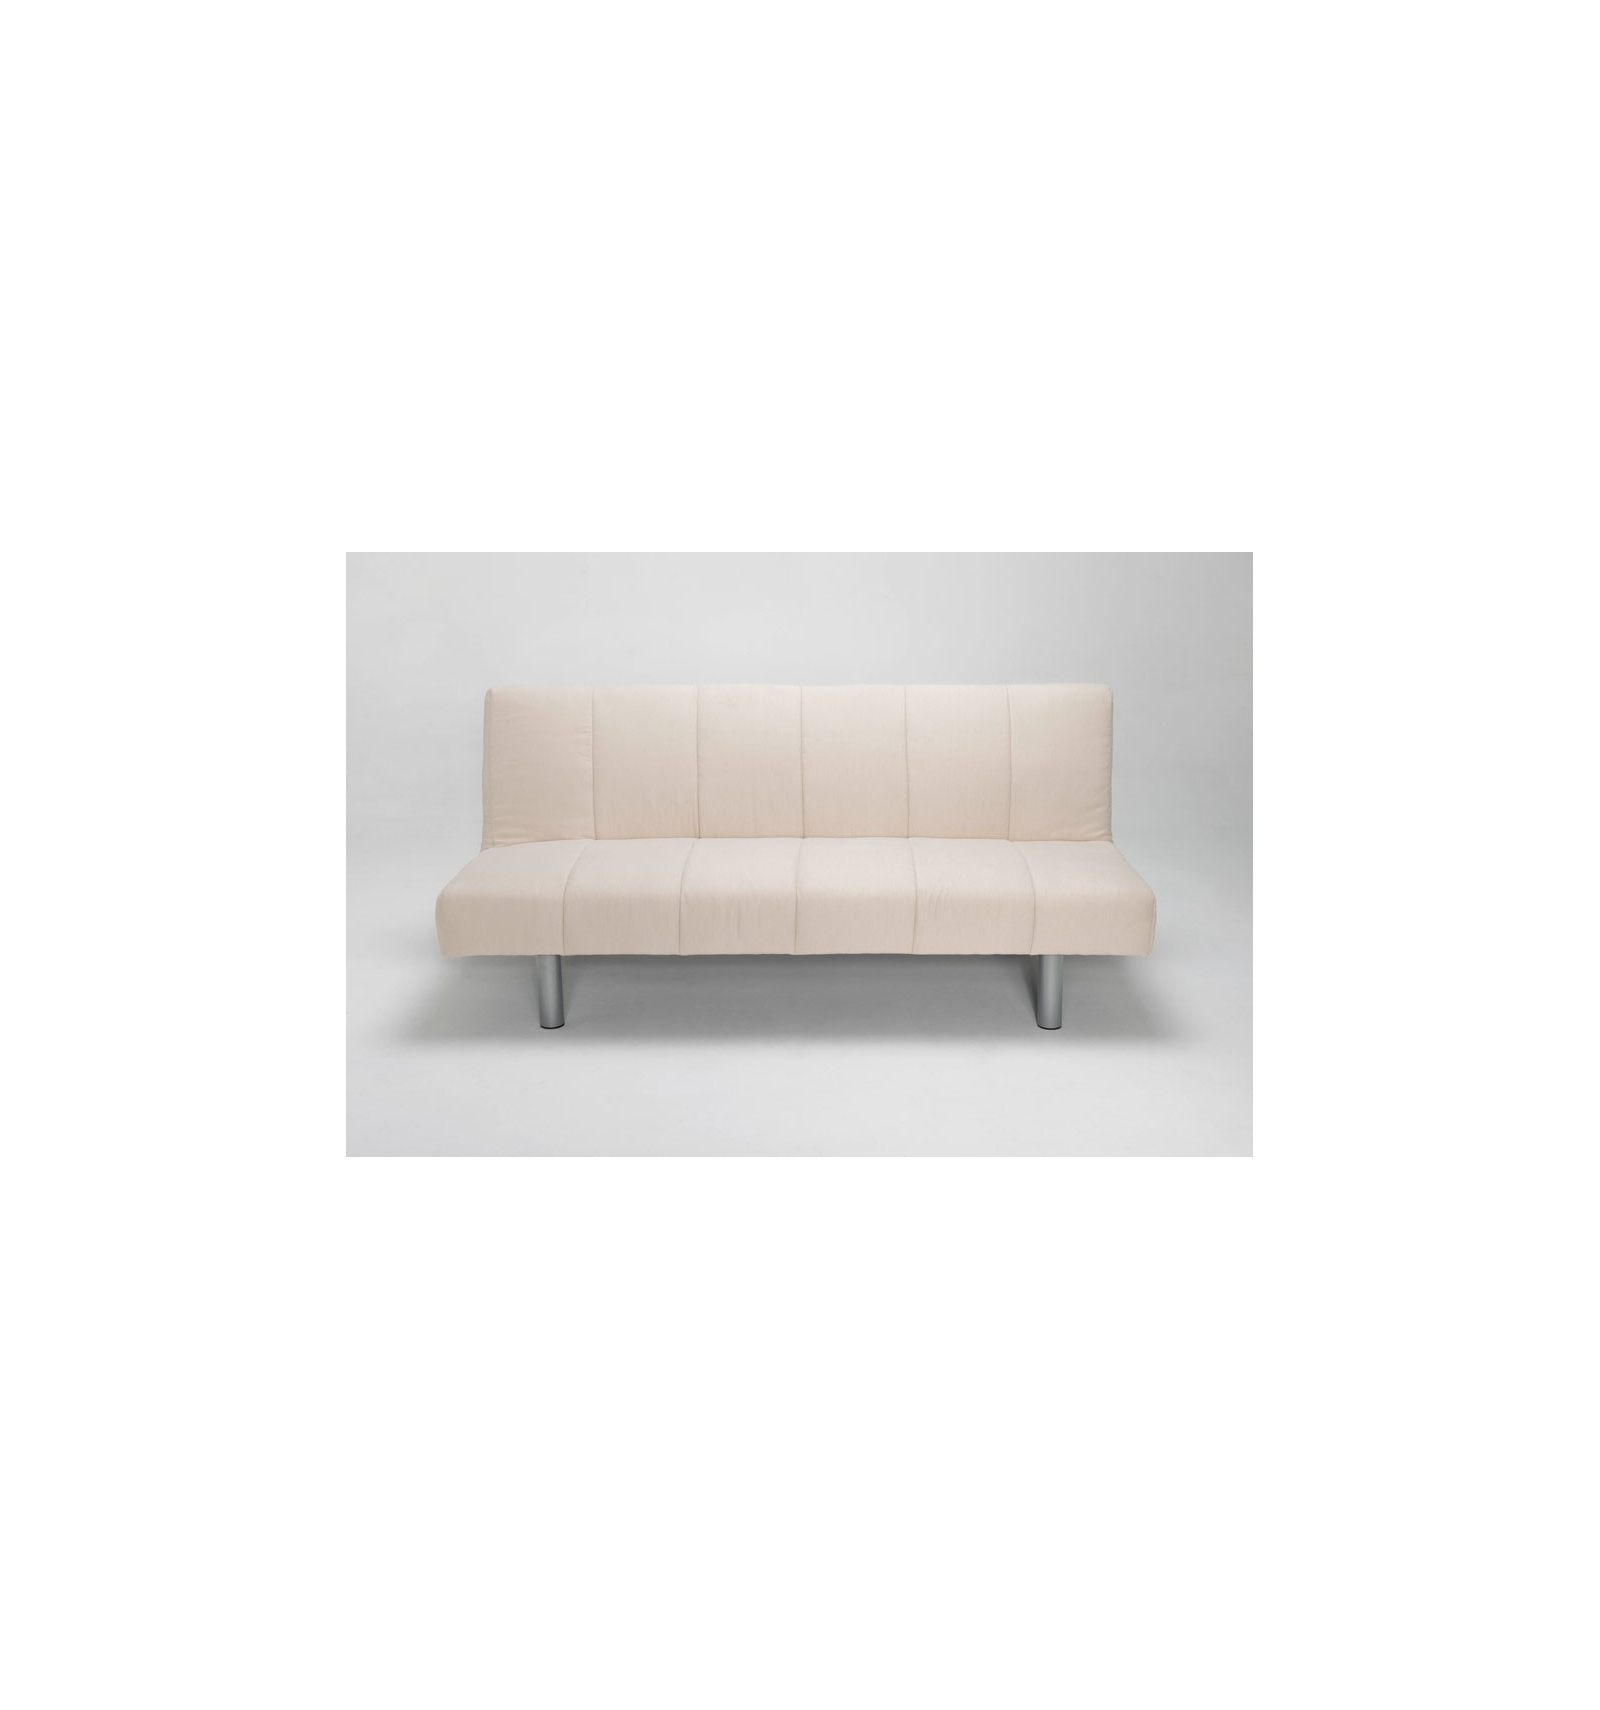 Divano letto bianco for Divano letto semplice